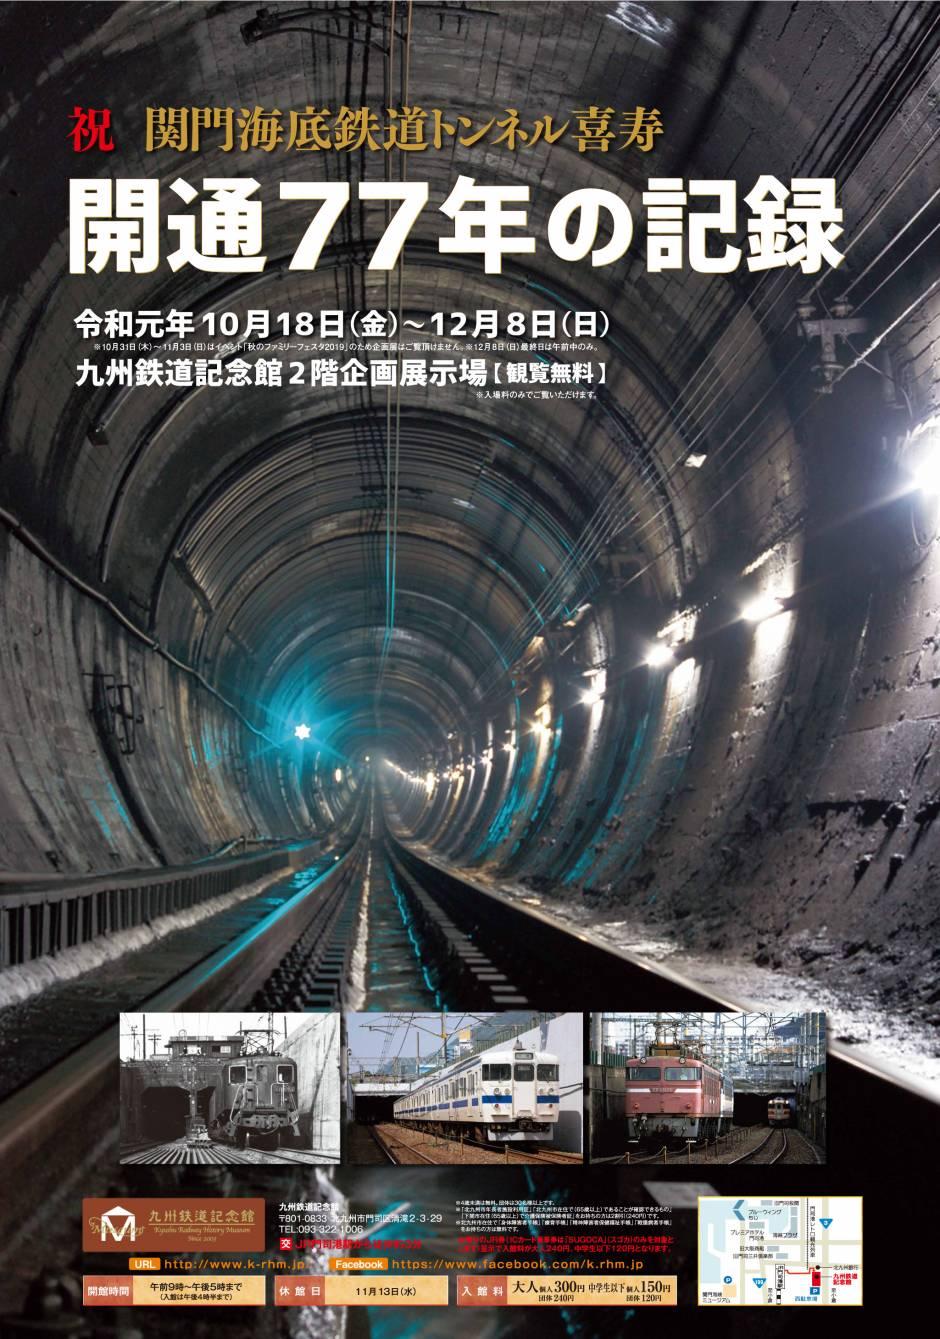 企画展 「祝 関門海底鉄道トンネル喜寿 開業77年の記録」開催